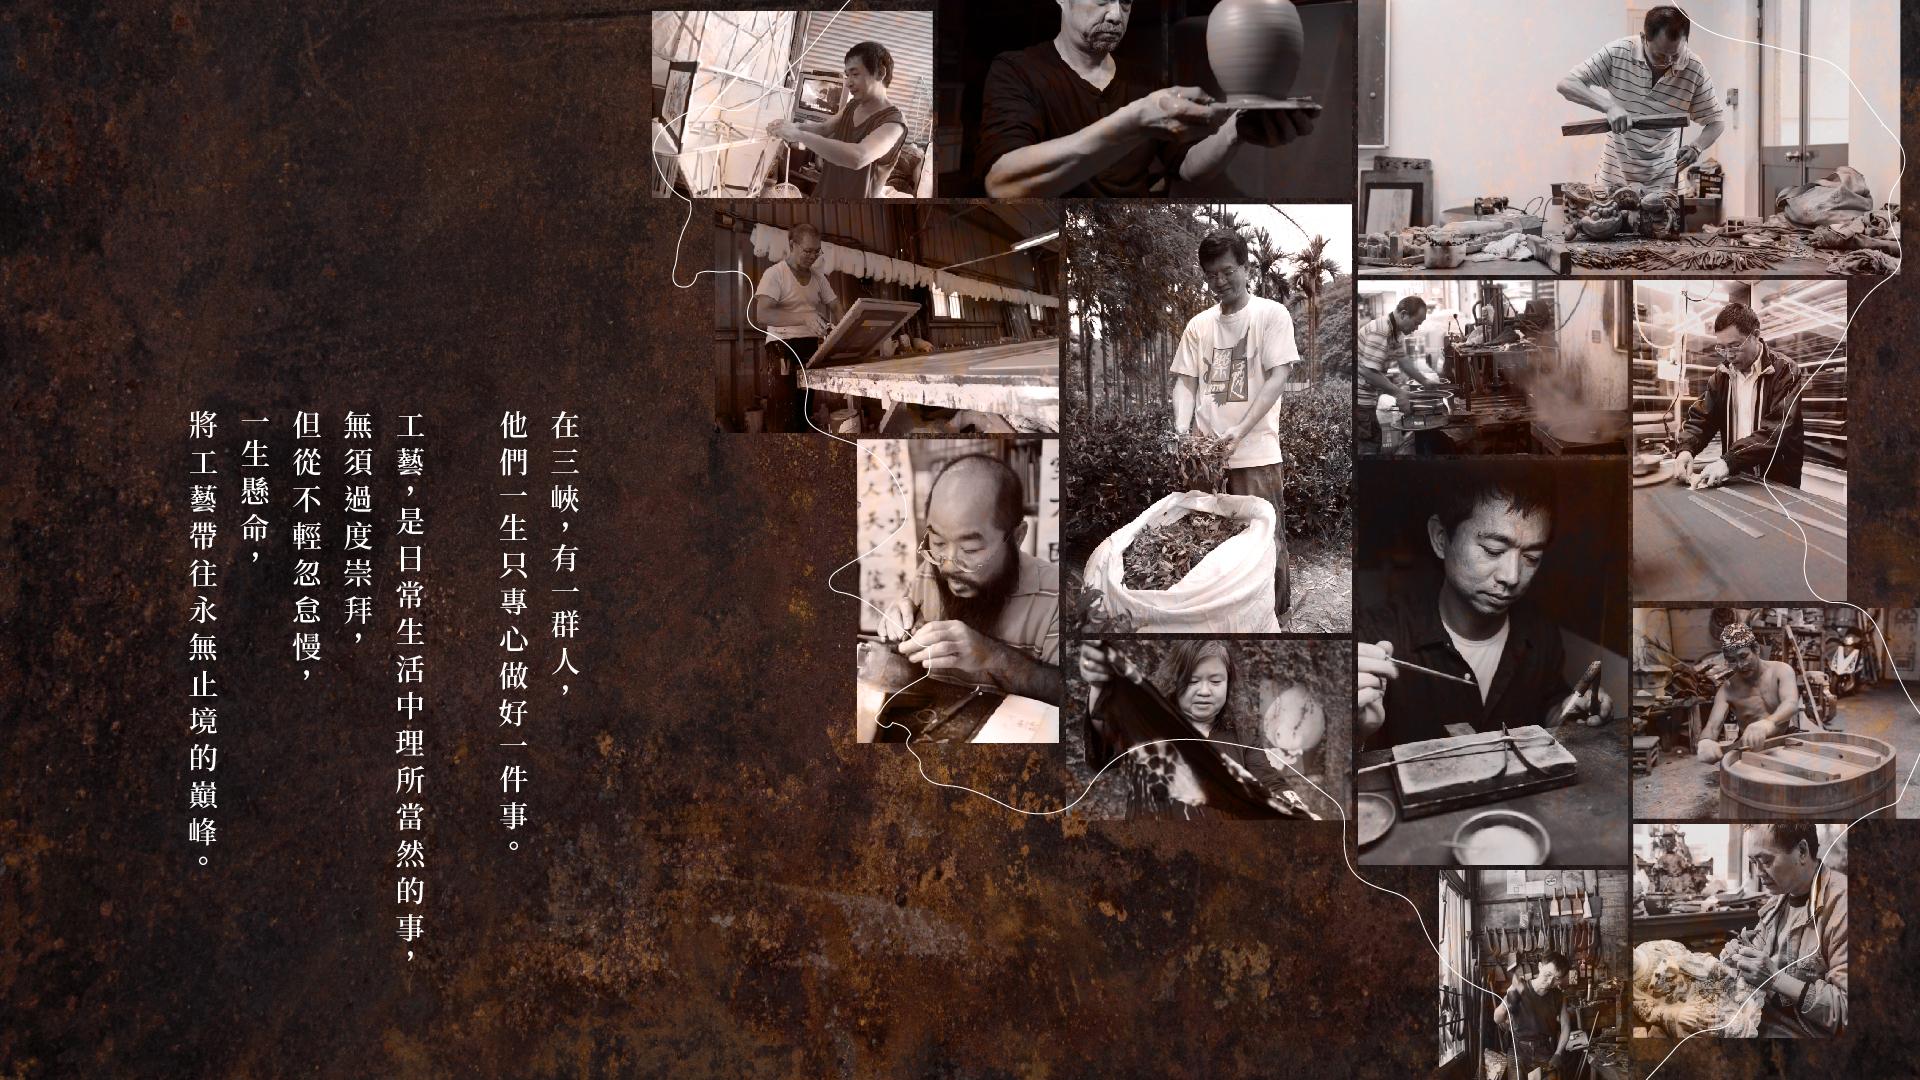 職人小學堂 隱身在巷弄間的台灣傳統技藝,與各種形形色色的藝術家、職人們,反而匯集成了三峽獨特的氣味與樣貌,只可惜隨著時間的流逝而逐漸凋零。 | 甘樂文創 | 甘之如飴,樂在其中